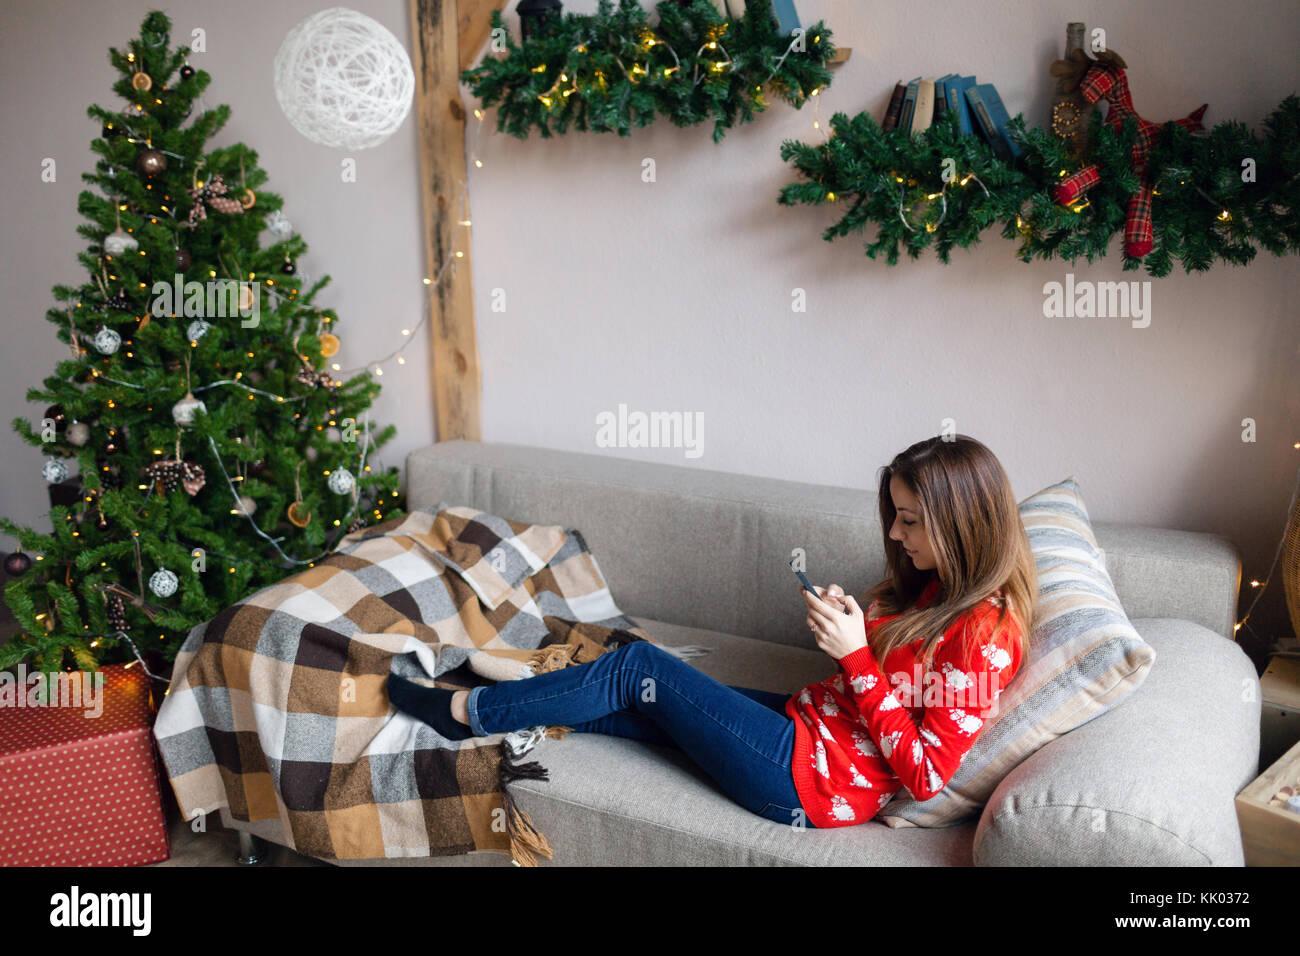 Niña feliz viendo el contenido de streaming en línea en un teléfono inteligente sentado en un sofá Imagen De Stock